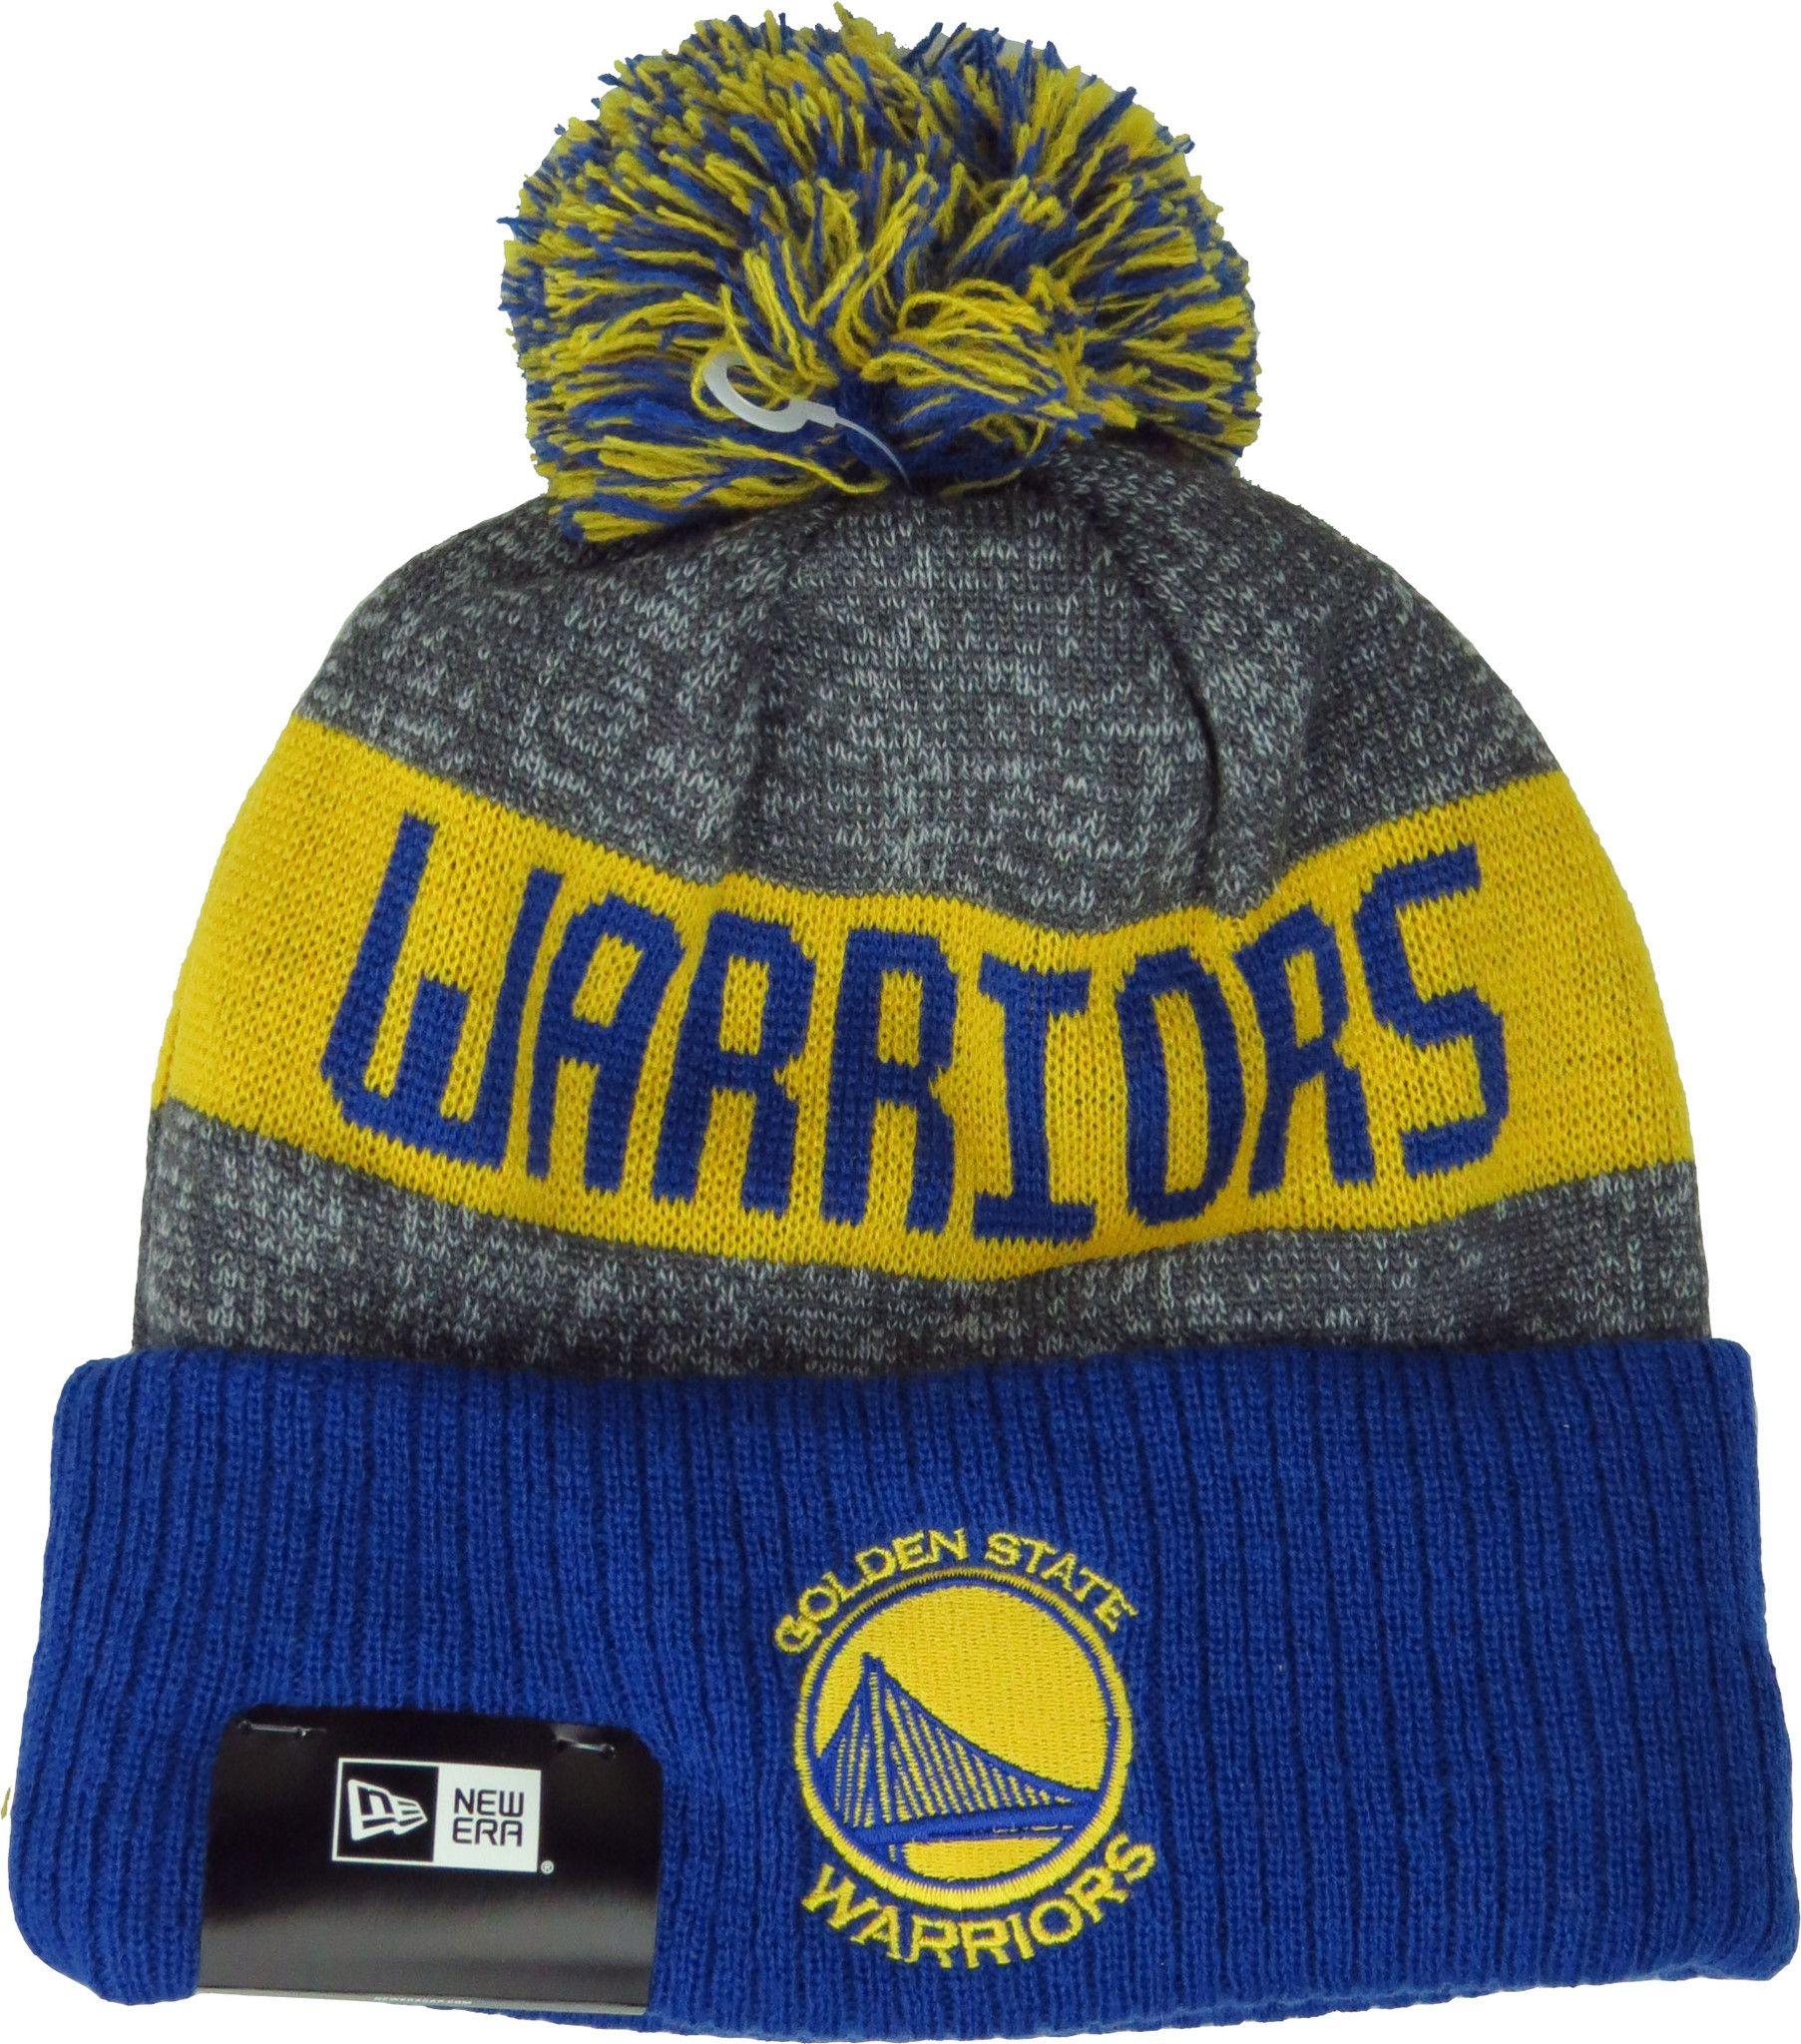 b044c1e9076 Golden State Warriors New Era NBA Team Knit Bobble Hat - pumpheadgear